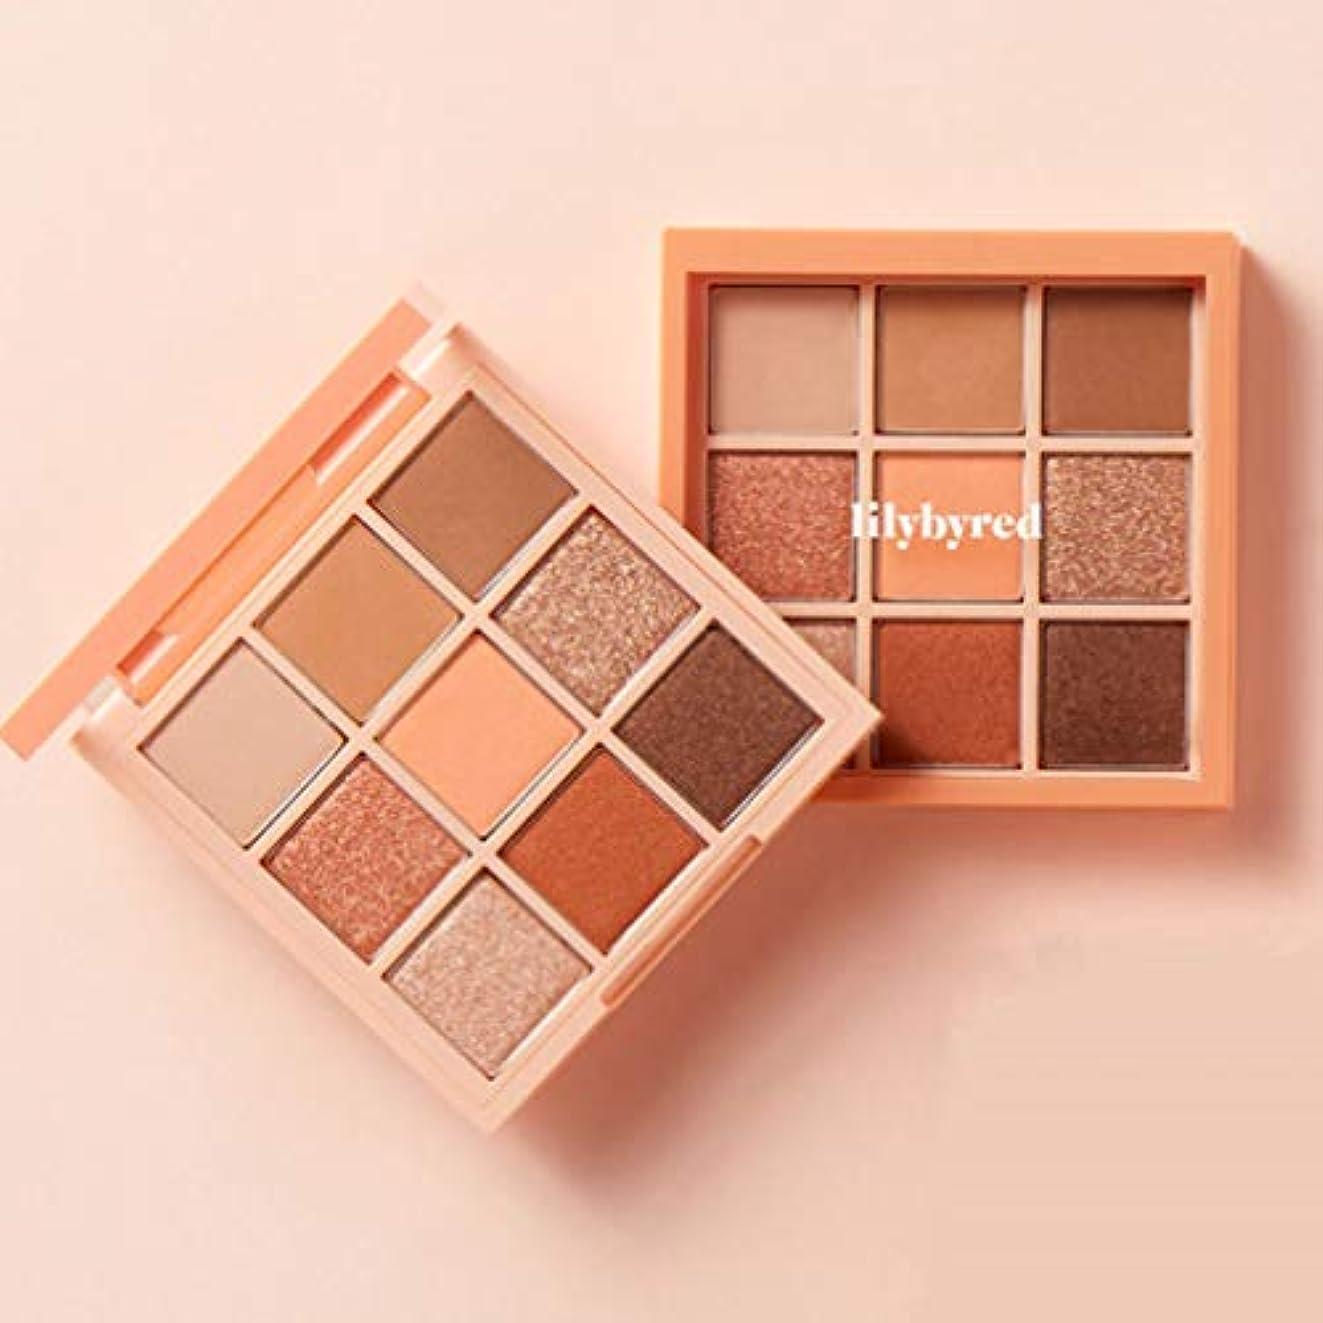 精神的に花束最愛のLILYBYRED Mood Cheat Kit Eyeshadow Palette #Peach Energy 告発色、高密着、告知の中独歩的な高クオリティアイシャドウパレット9color(並行輸入品)